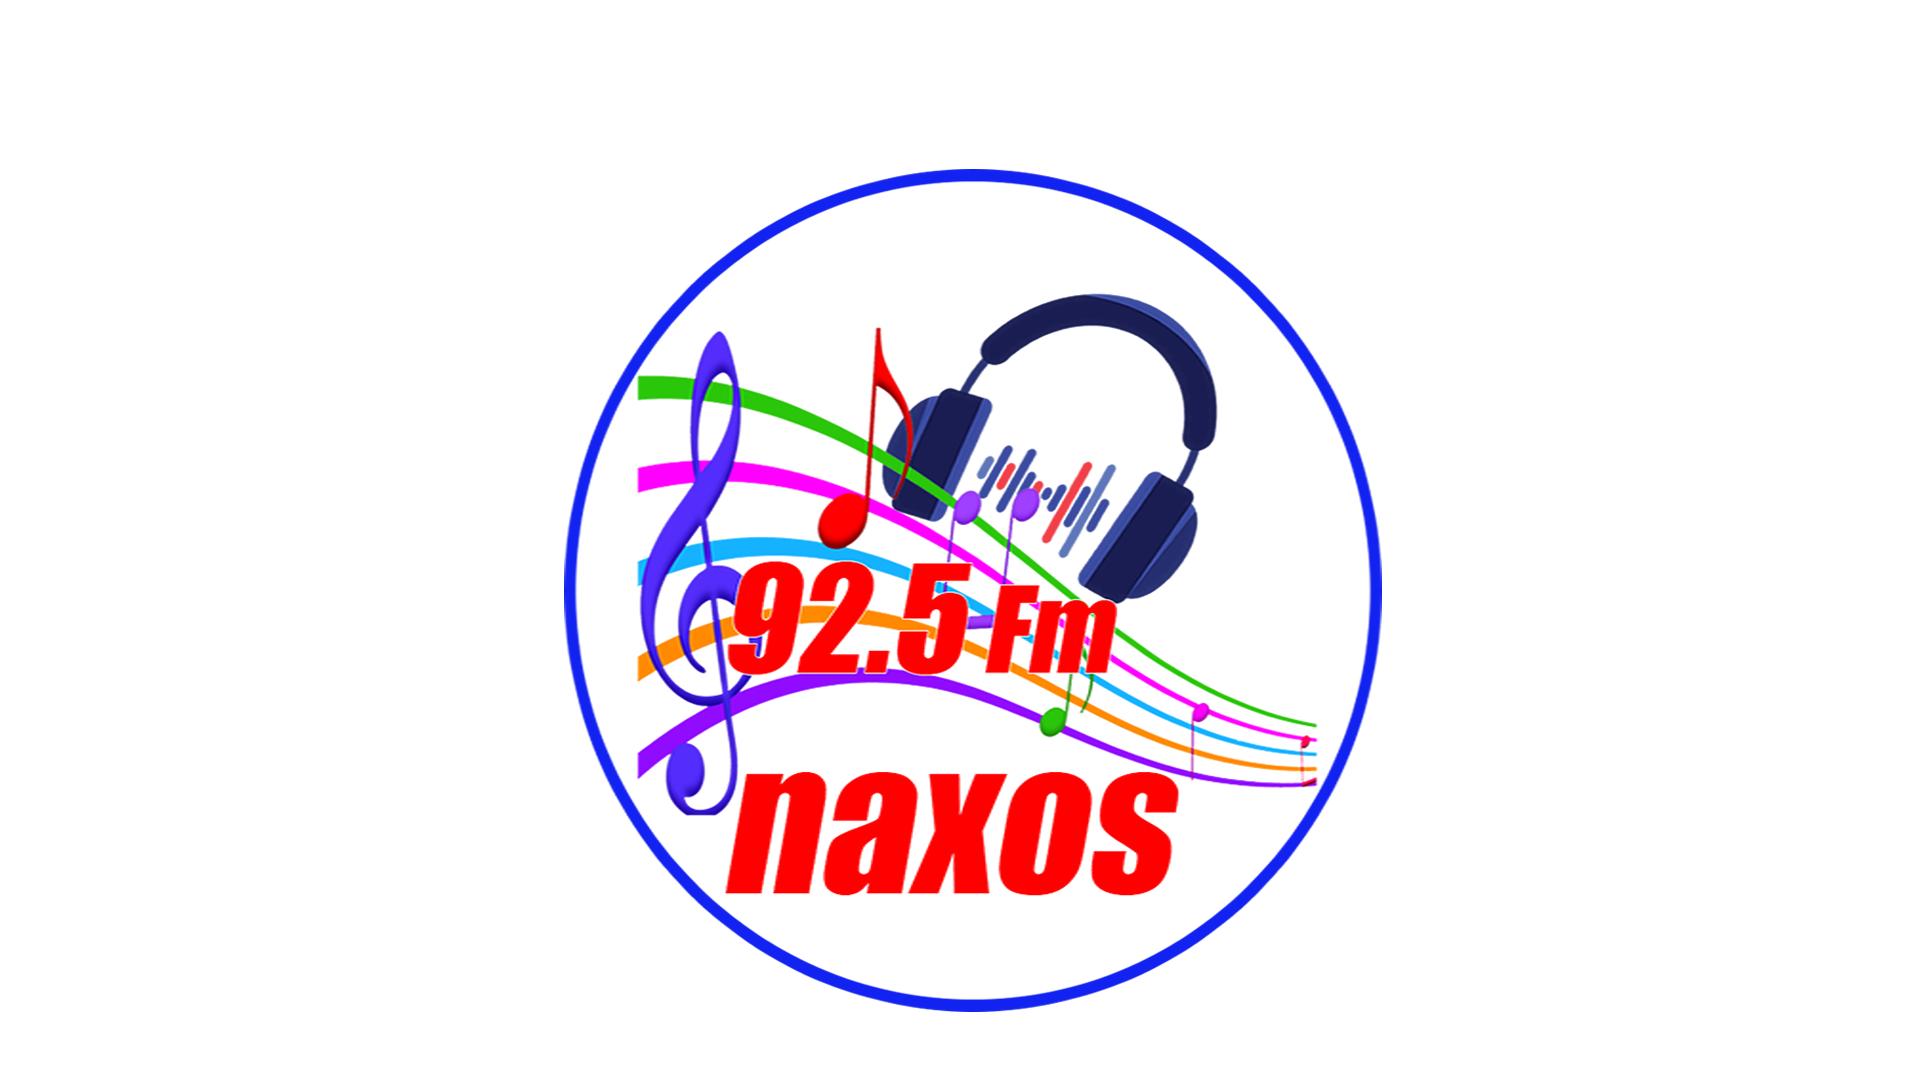 FM Naxos